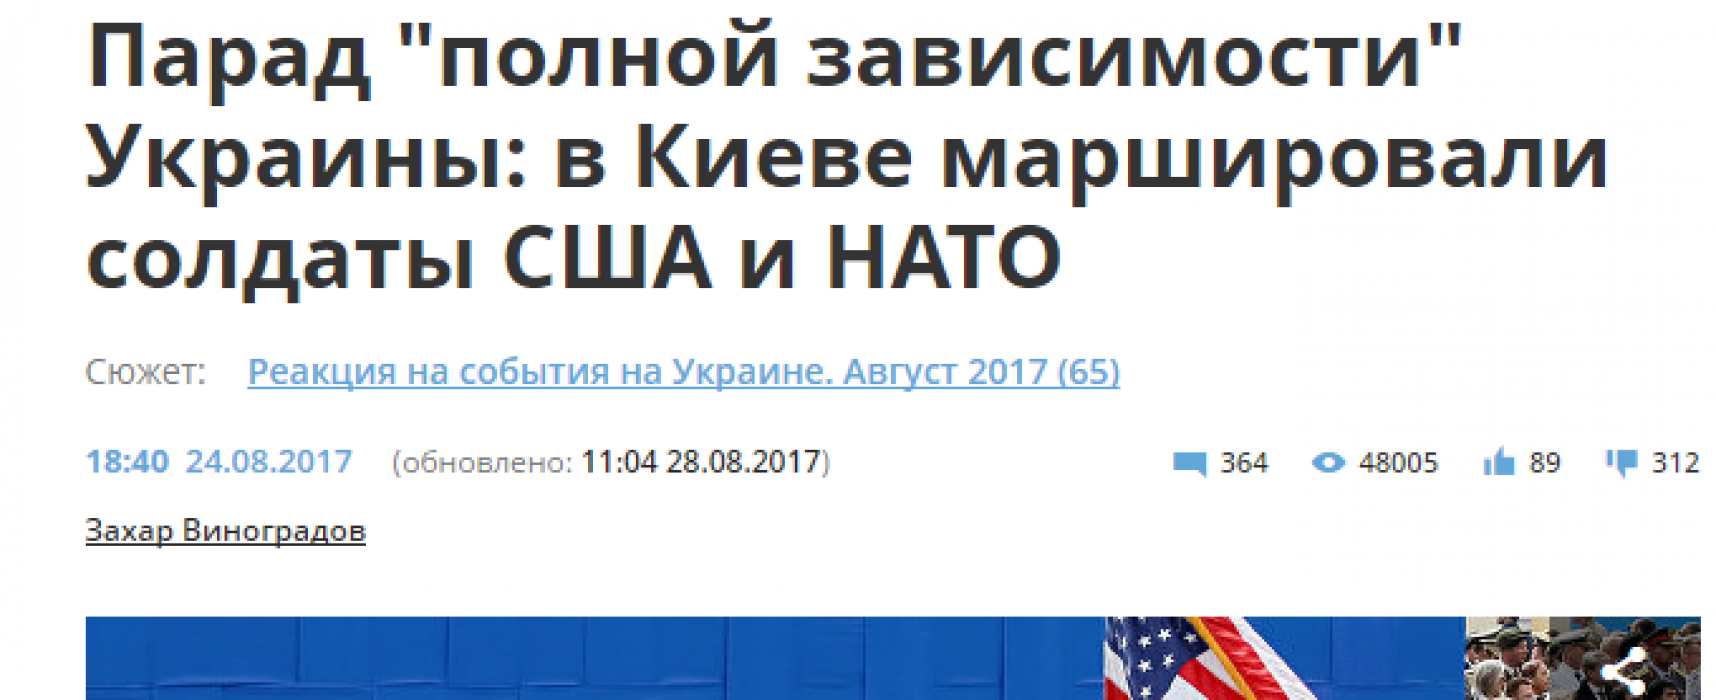 """""""El desfile de dependencia"""", cómo la prensa rusa reaccionó a la participación de los países de la OTAN en el Día de Independencia de Ucrania"""